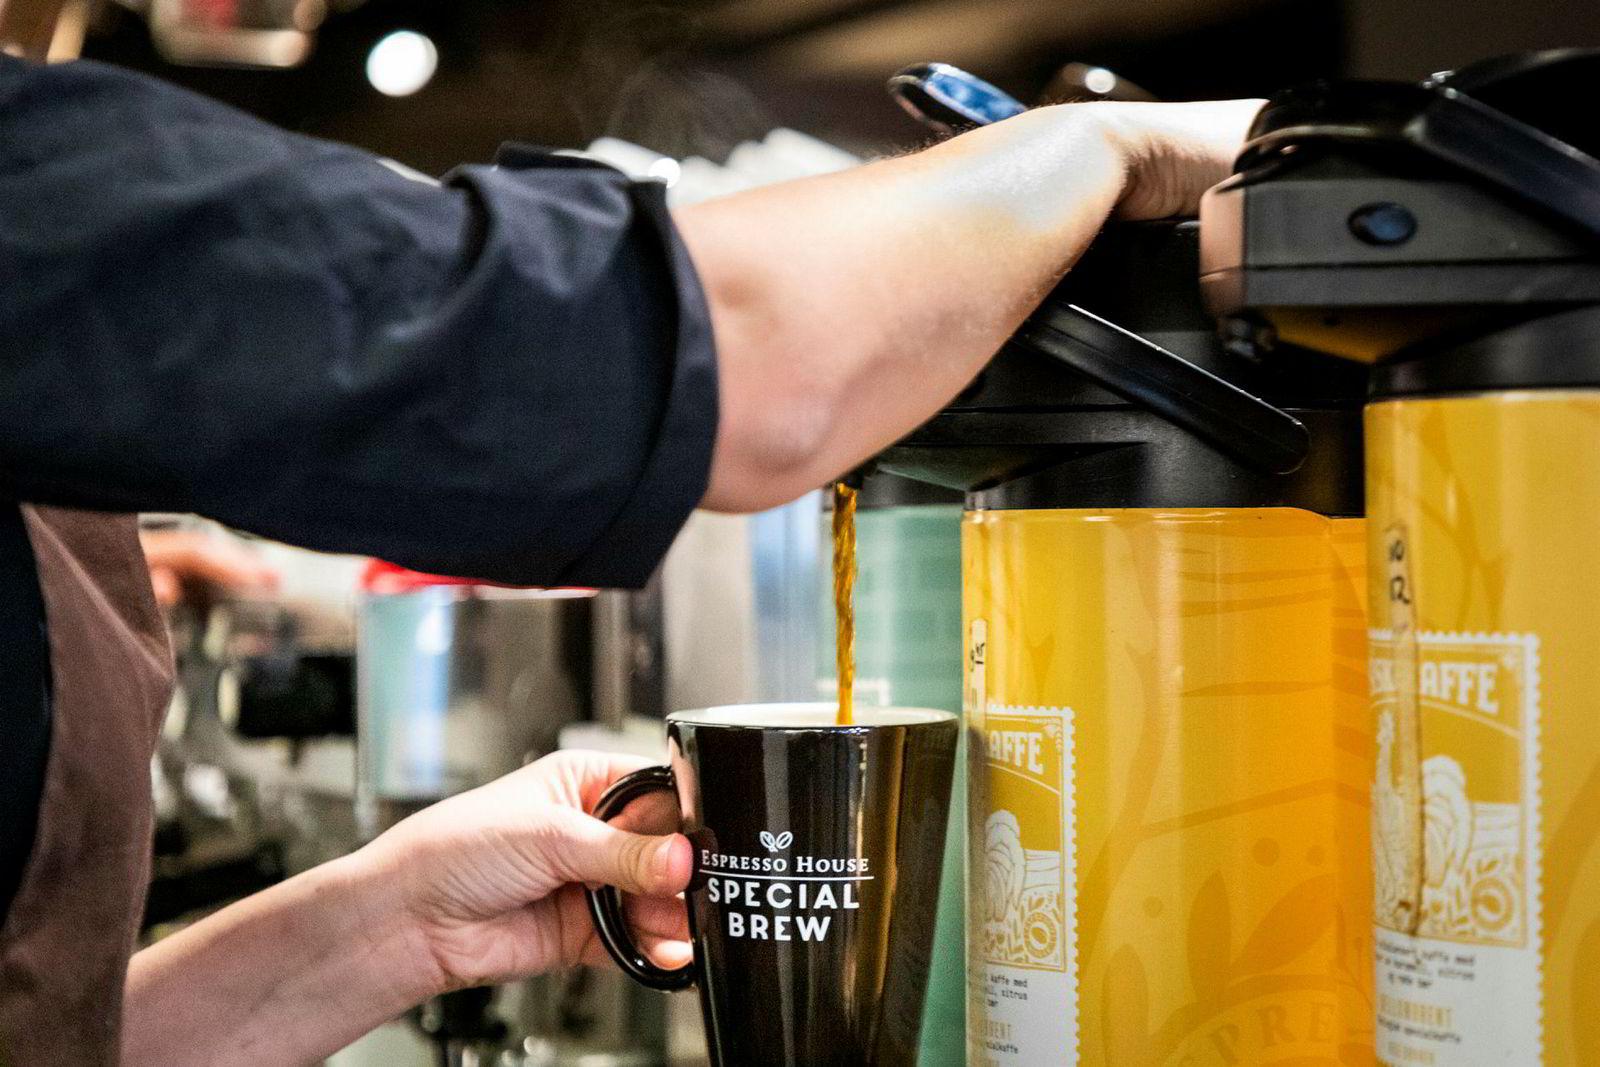 Til tross for et bredt og fancy kaffeutvalg er Espresso House-sjef Torodd Gøystdal mest glad i svart kaffe, helst en fruktig type fra Etiopia.